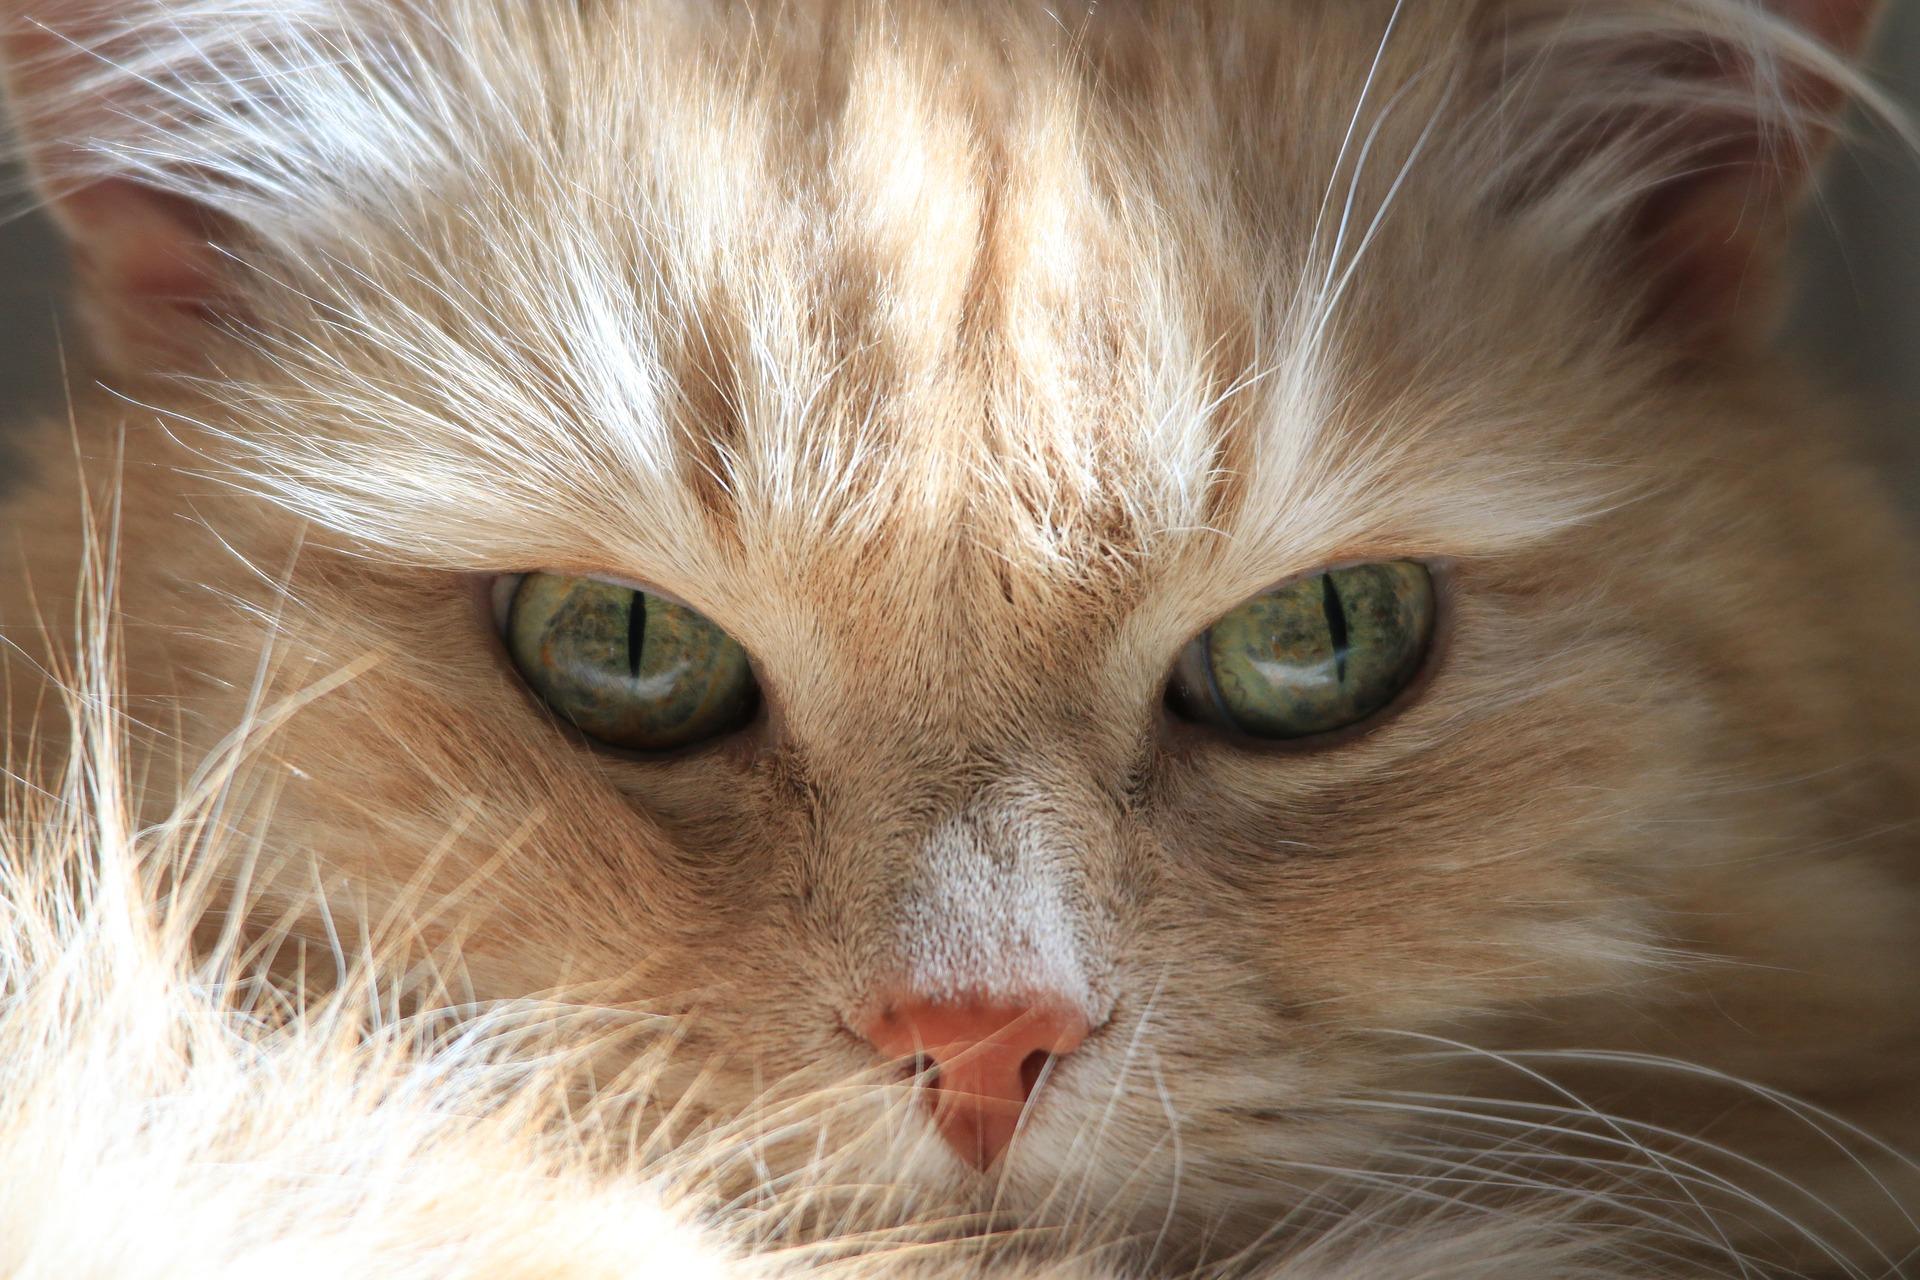 Koty syberyjskie zaliczane są do ras naturalnych, co oznacza, że człowiek nie brał udziału w ich ewolucji.